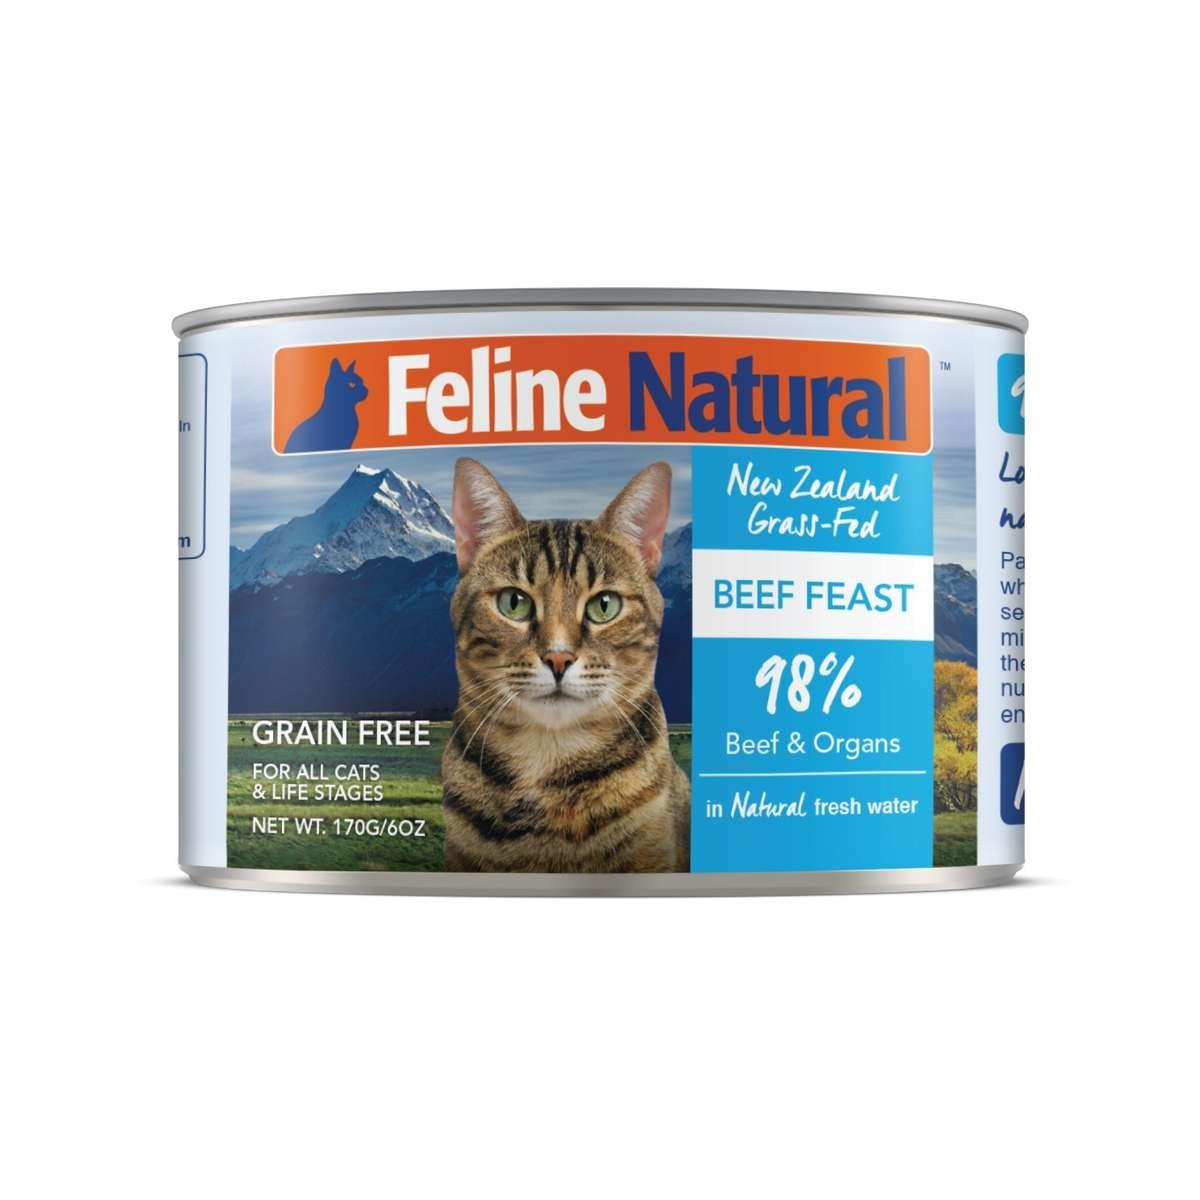 Feline Natural Feline Natural Beef Feast Wet Cat Food